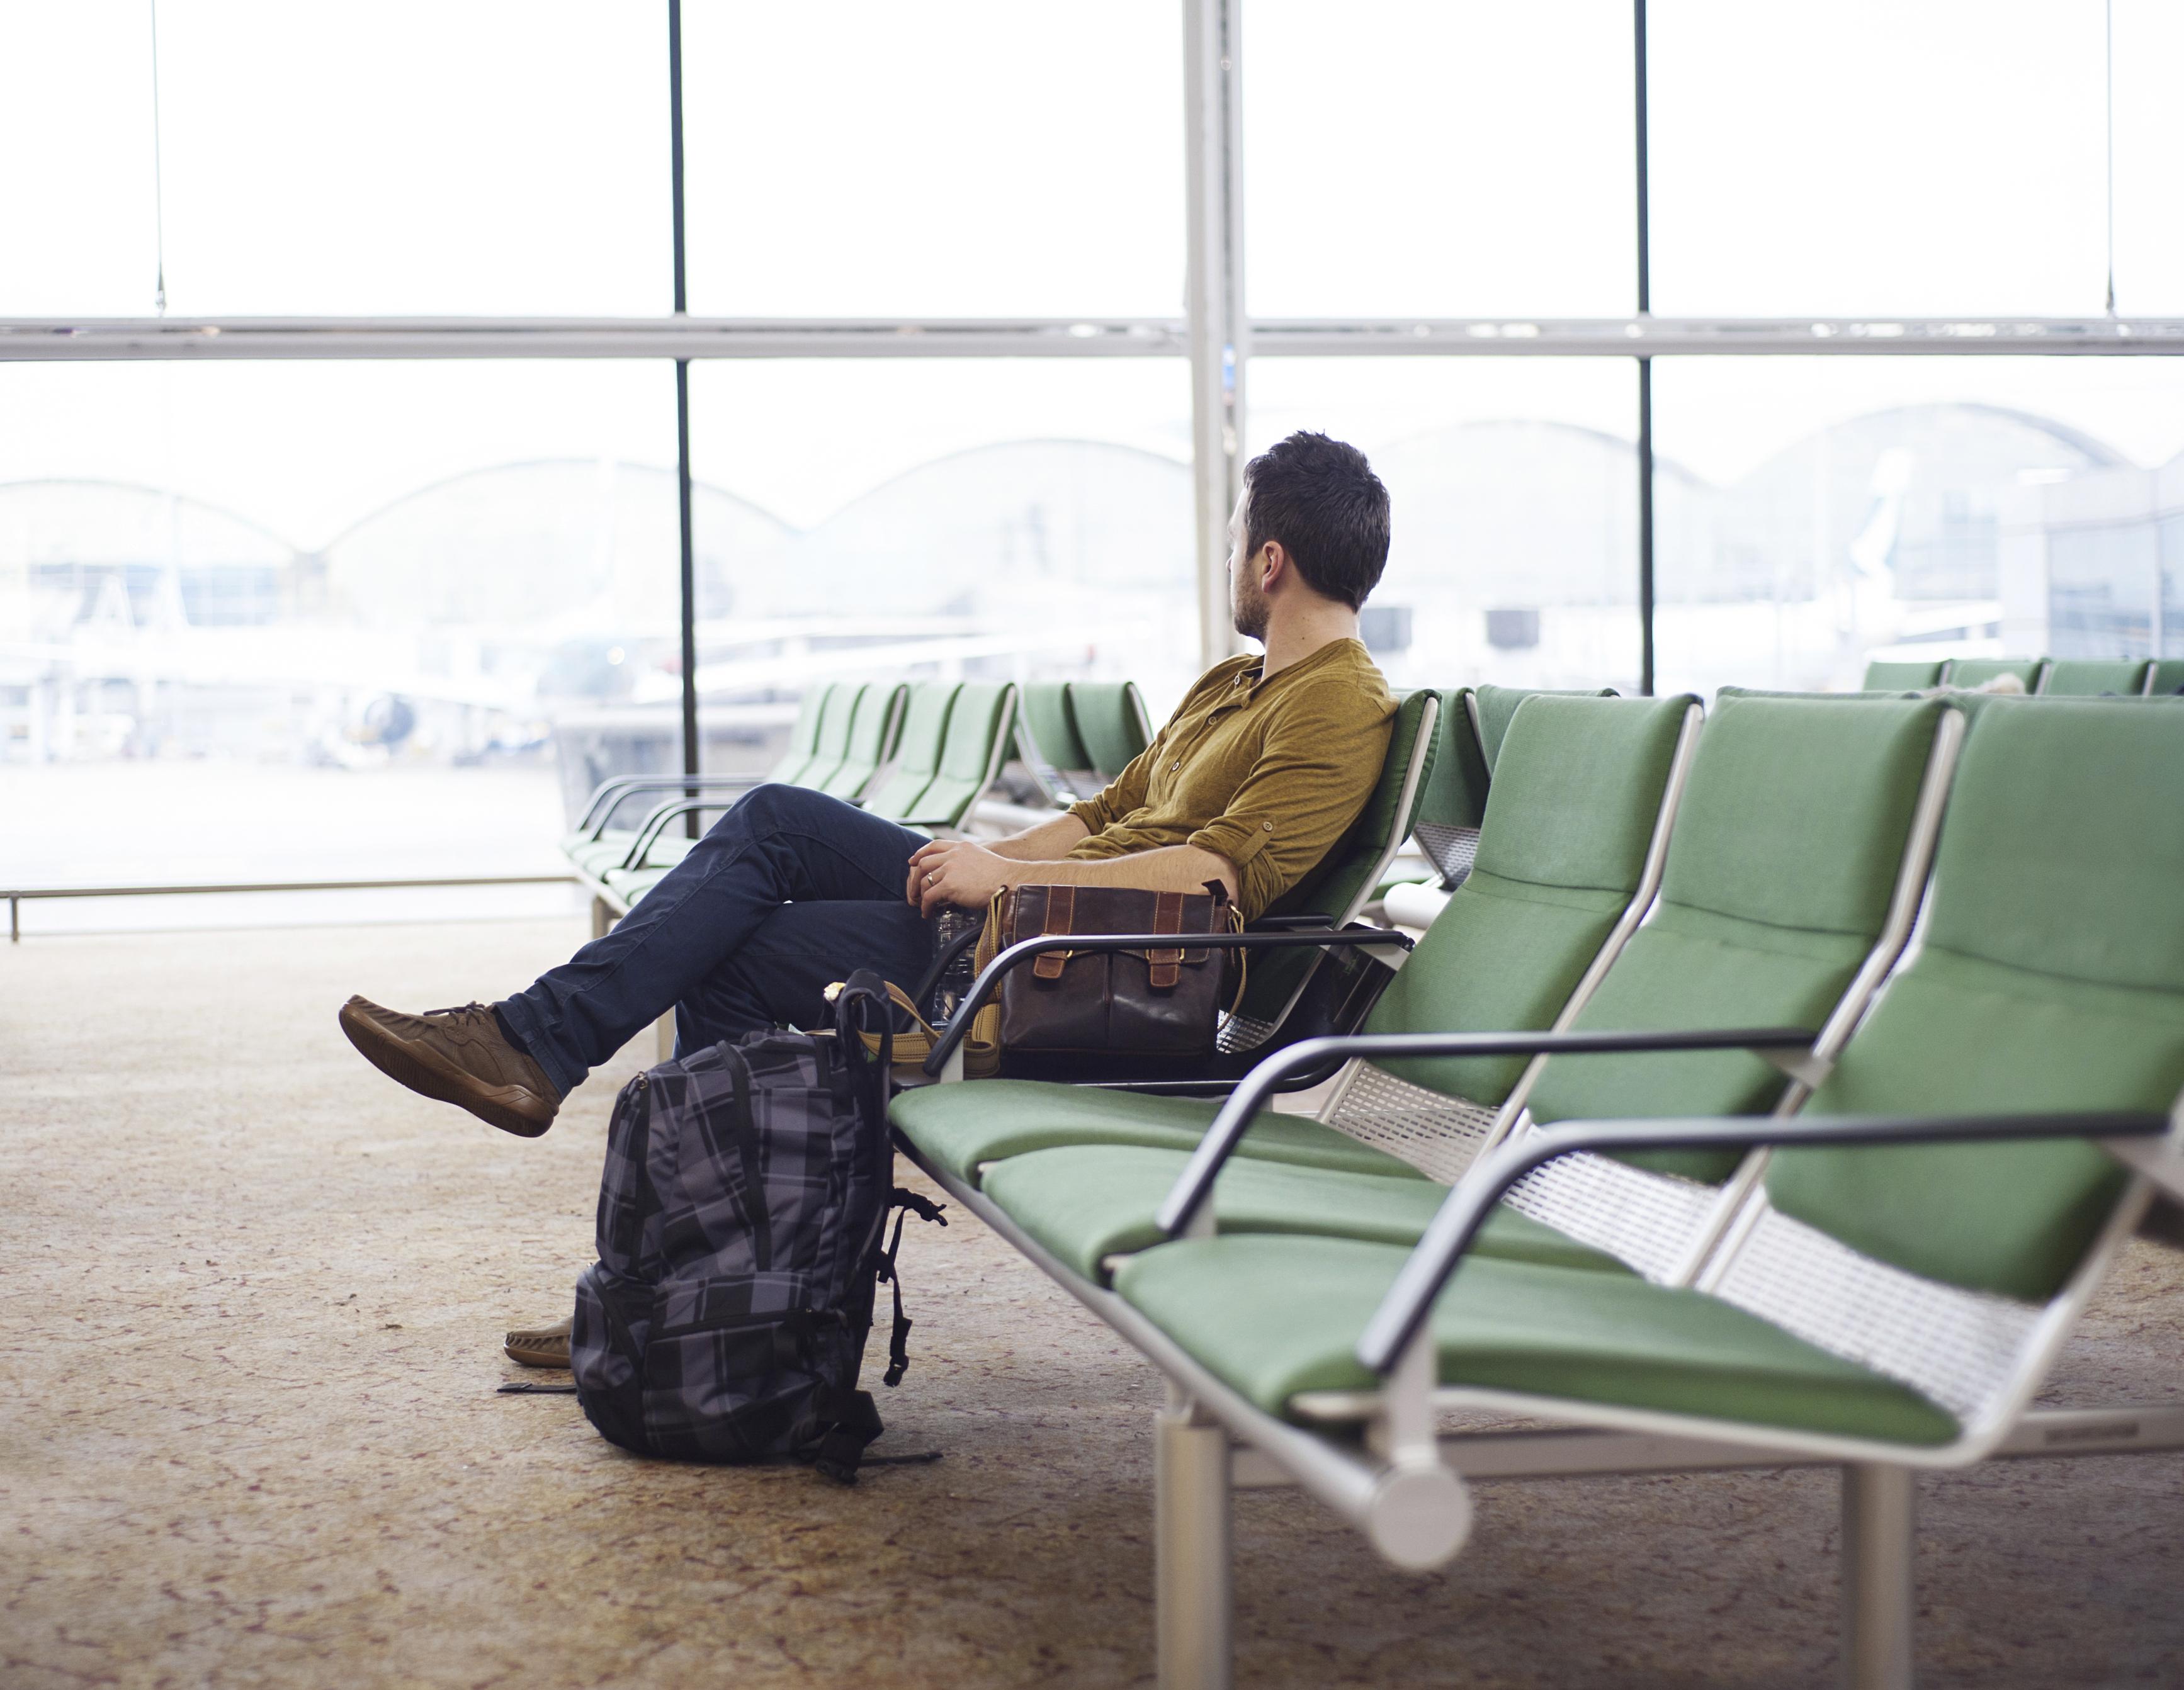 Lennoille K simatkatavarat Miten Ryanairin Pakkaat OPkZXTui